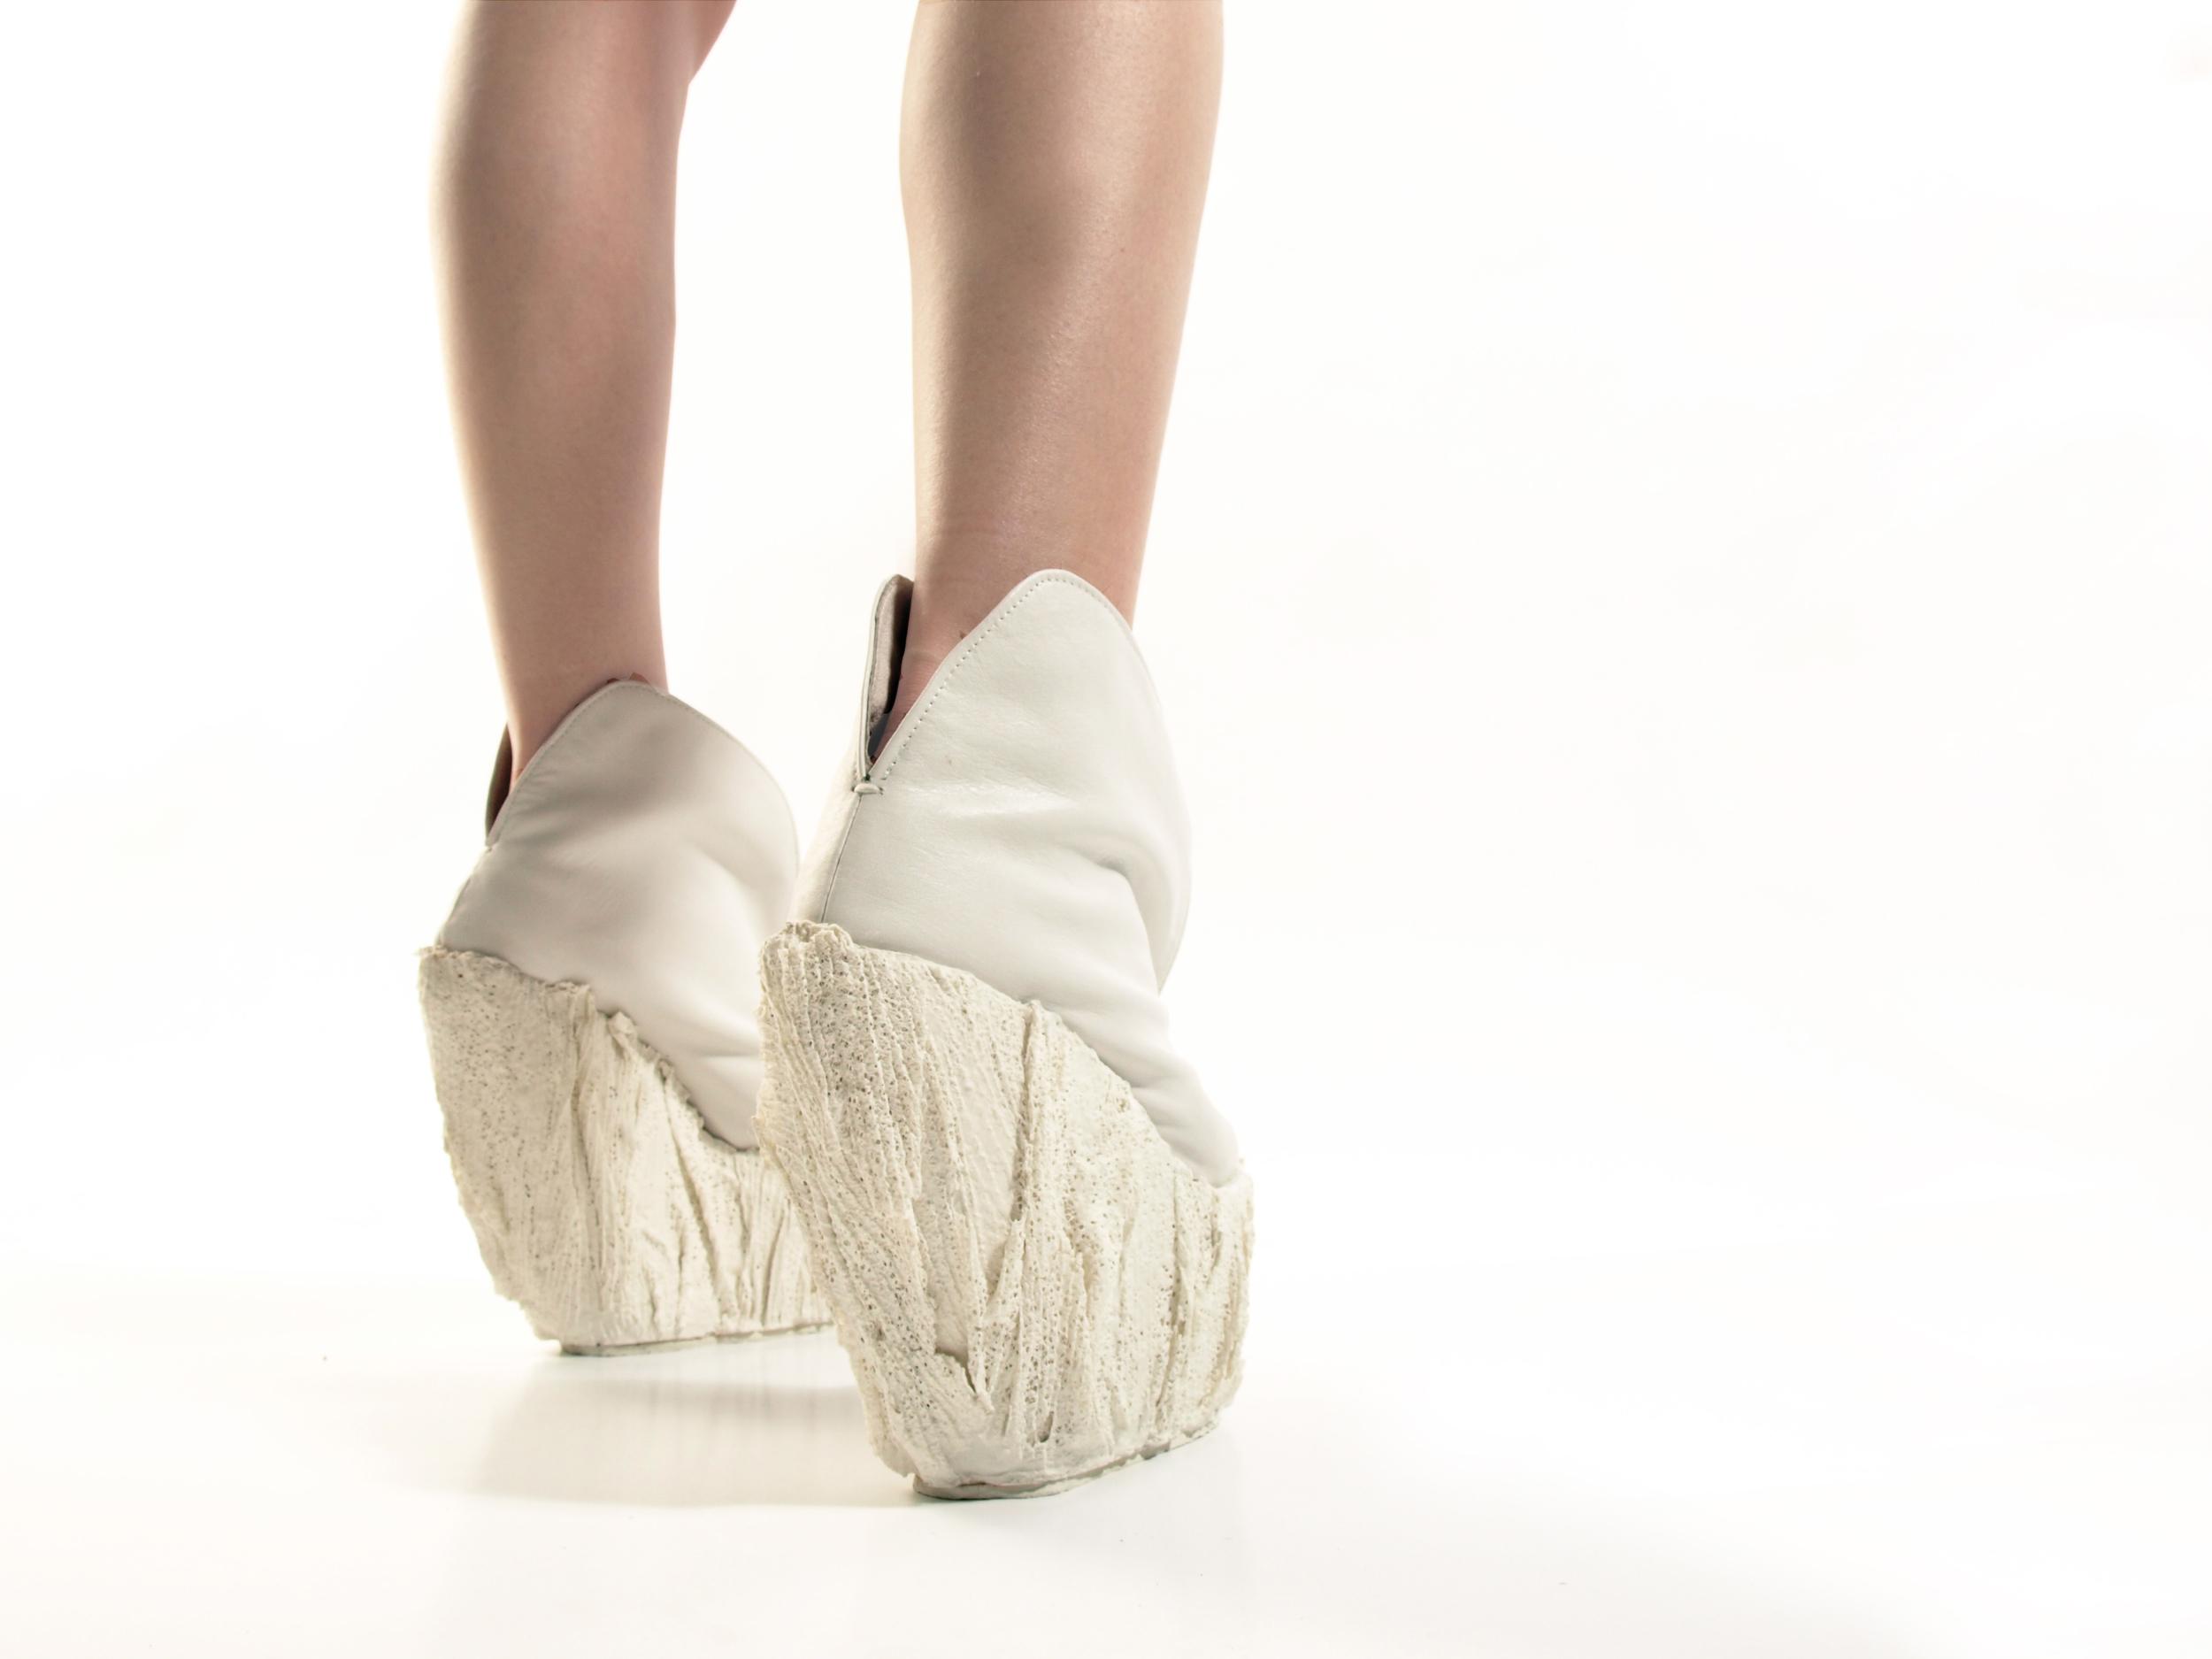 porcelain shoes 5.jpg